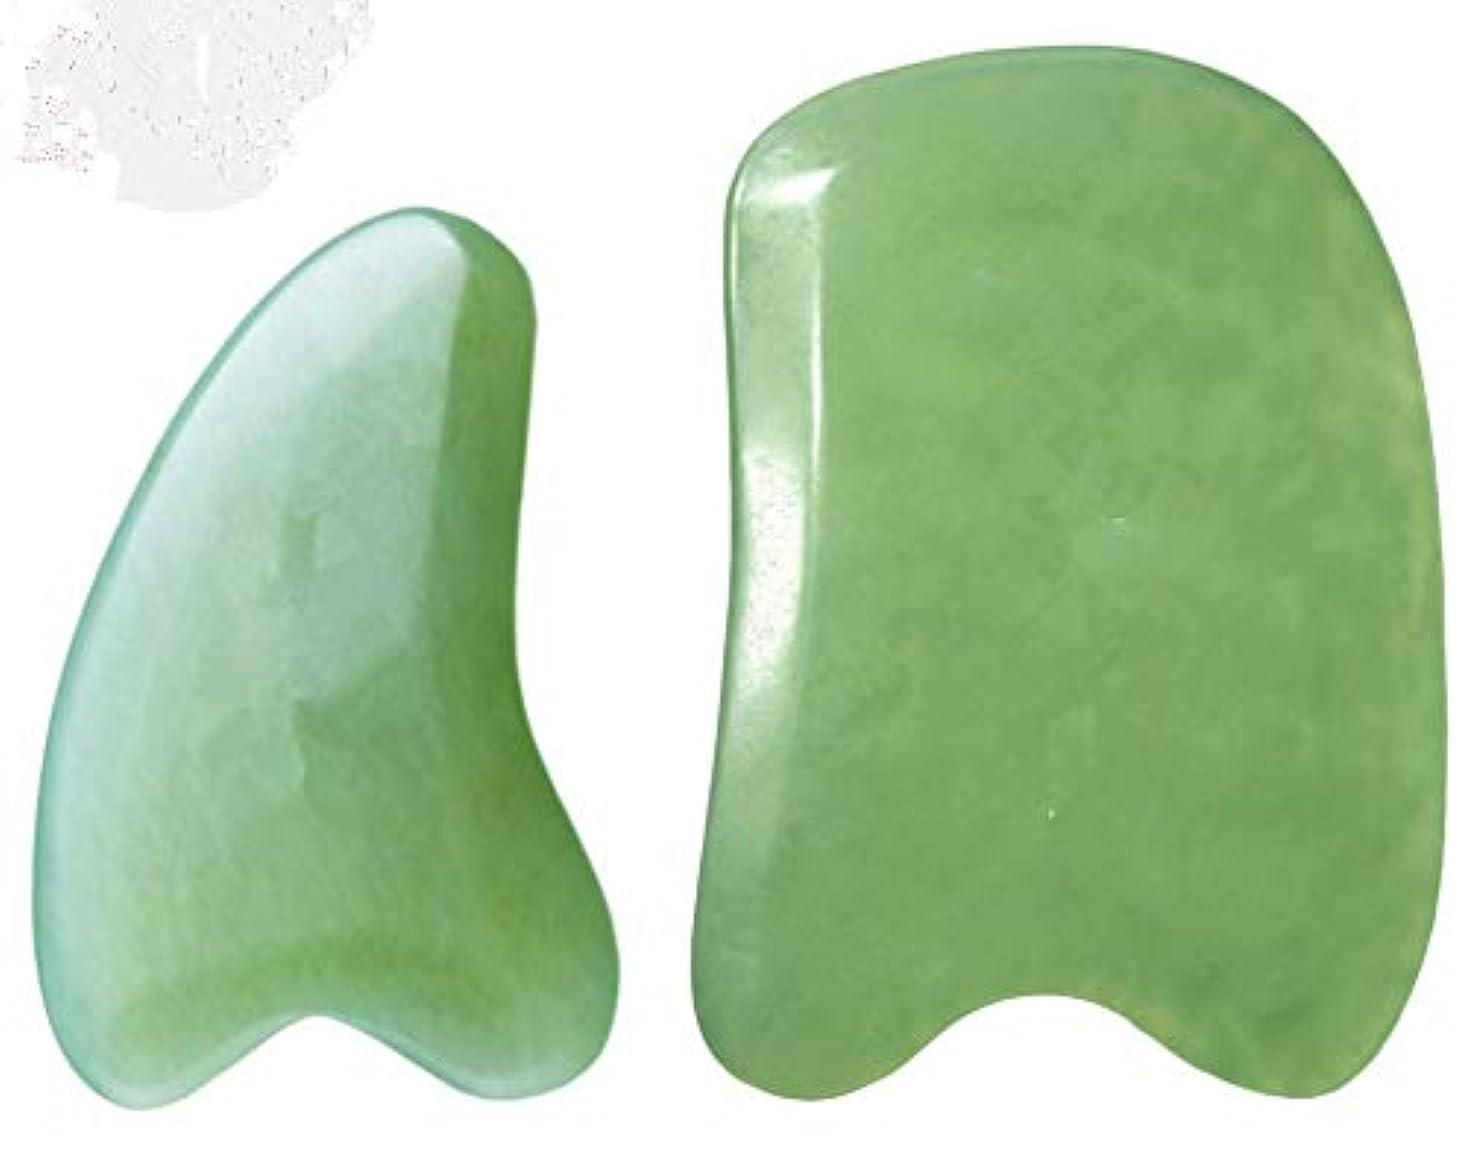 和解する雇うジョージスティーブンソン2点セット2pcsFace / Body Massage Natural Jade Gua Sha Boardかっさプレート 天然石 翡翠(顔?ボディのリンパマッサージ)